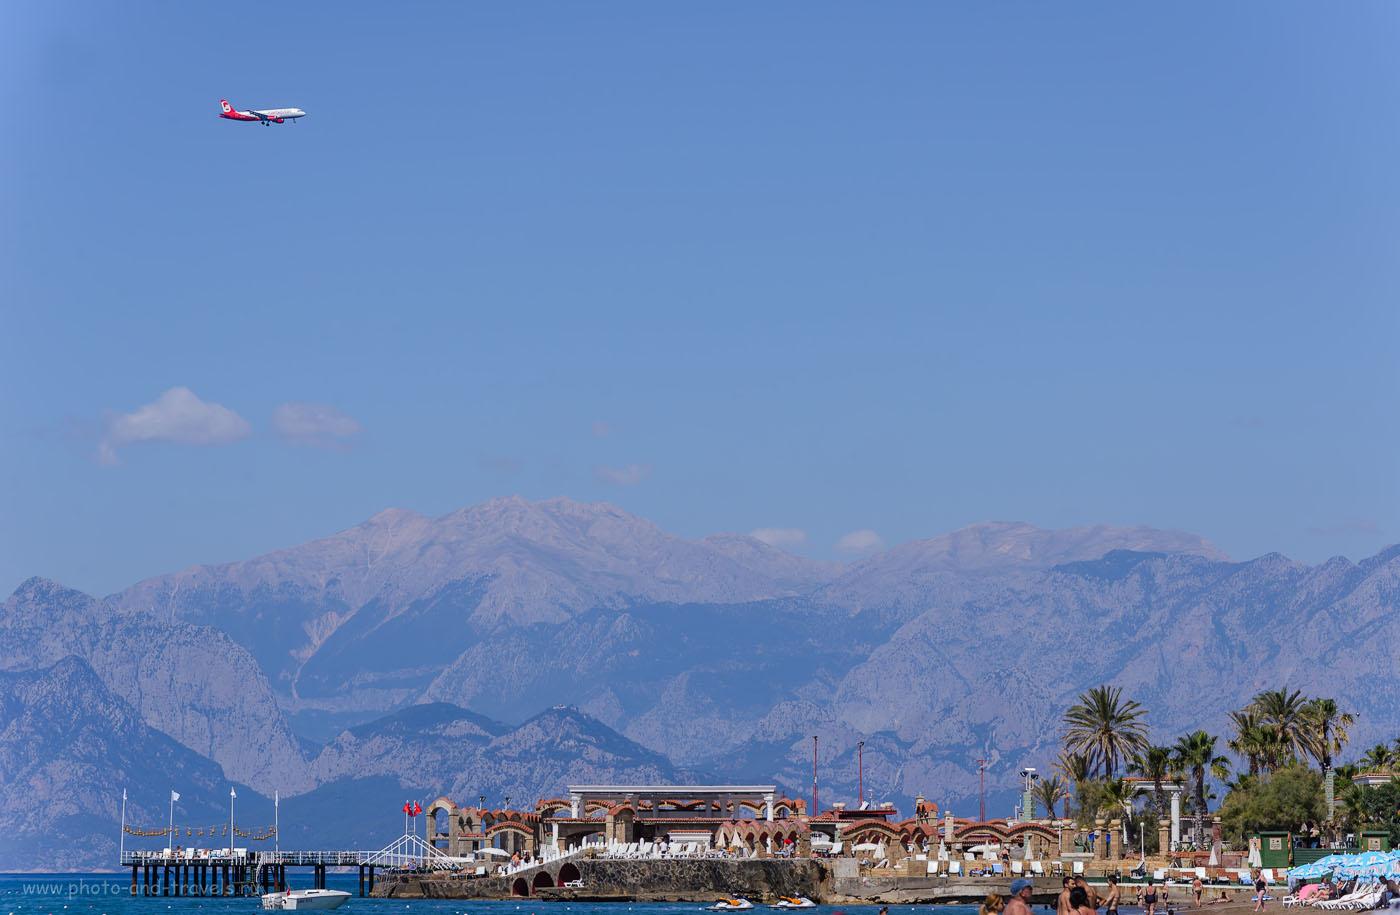 Фото 8. Самолет идет на посадку в аэропорт Анталии. Снято во время отдыха на пляже Лара. 1/640, +0.67, 8.0, 250, 140.